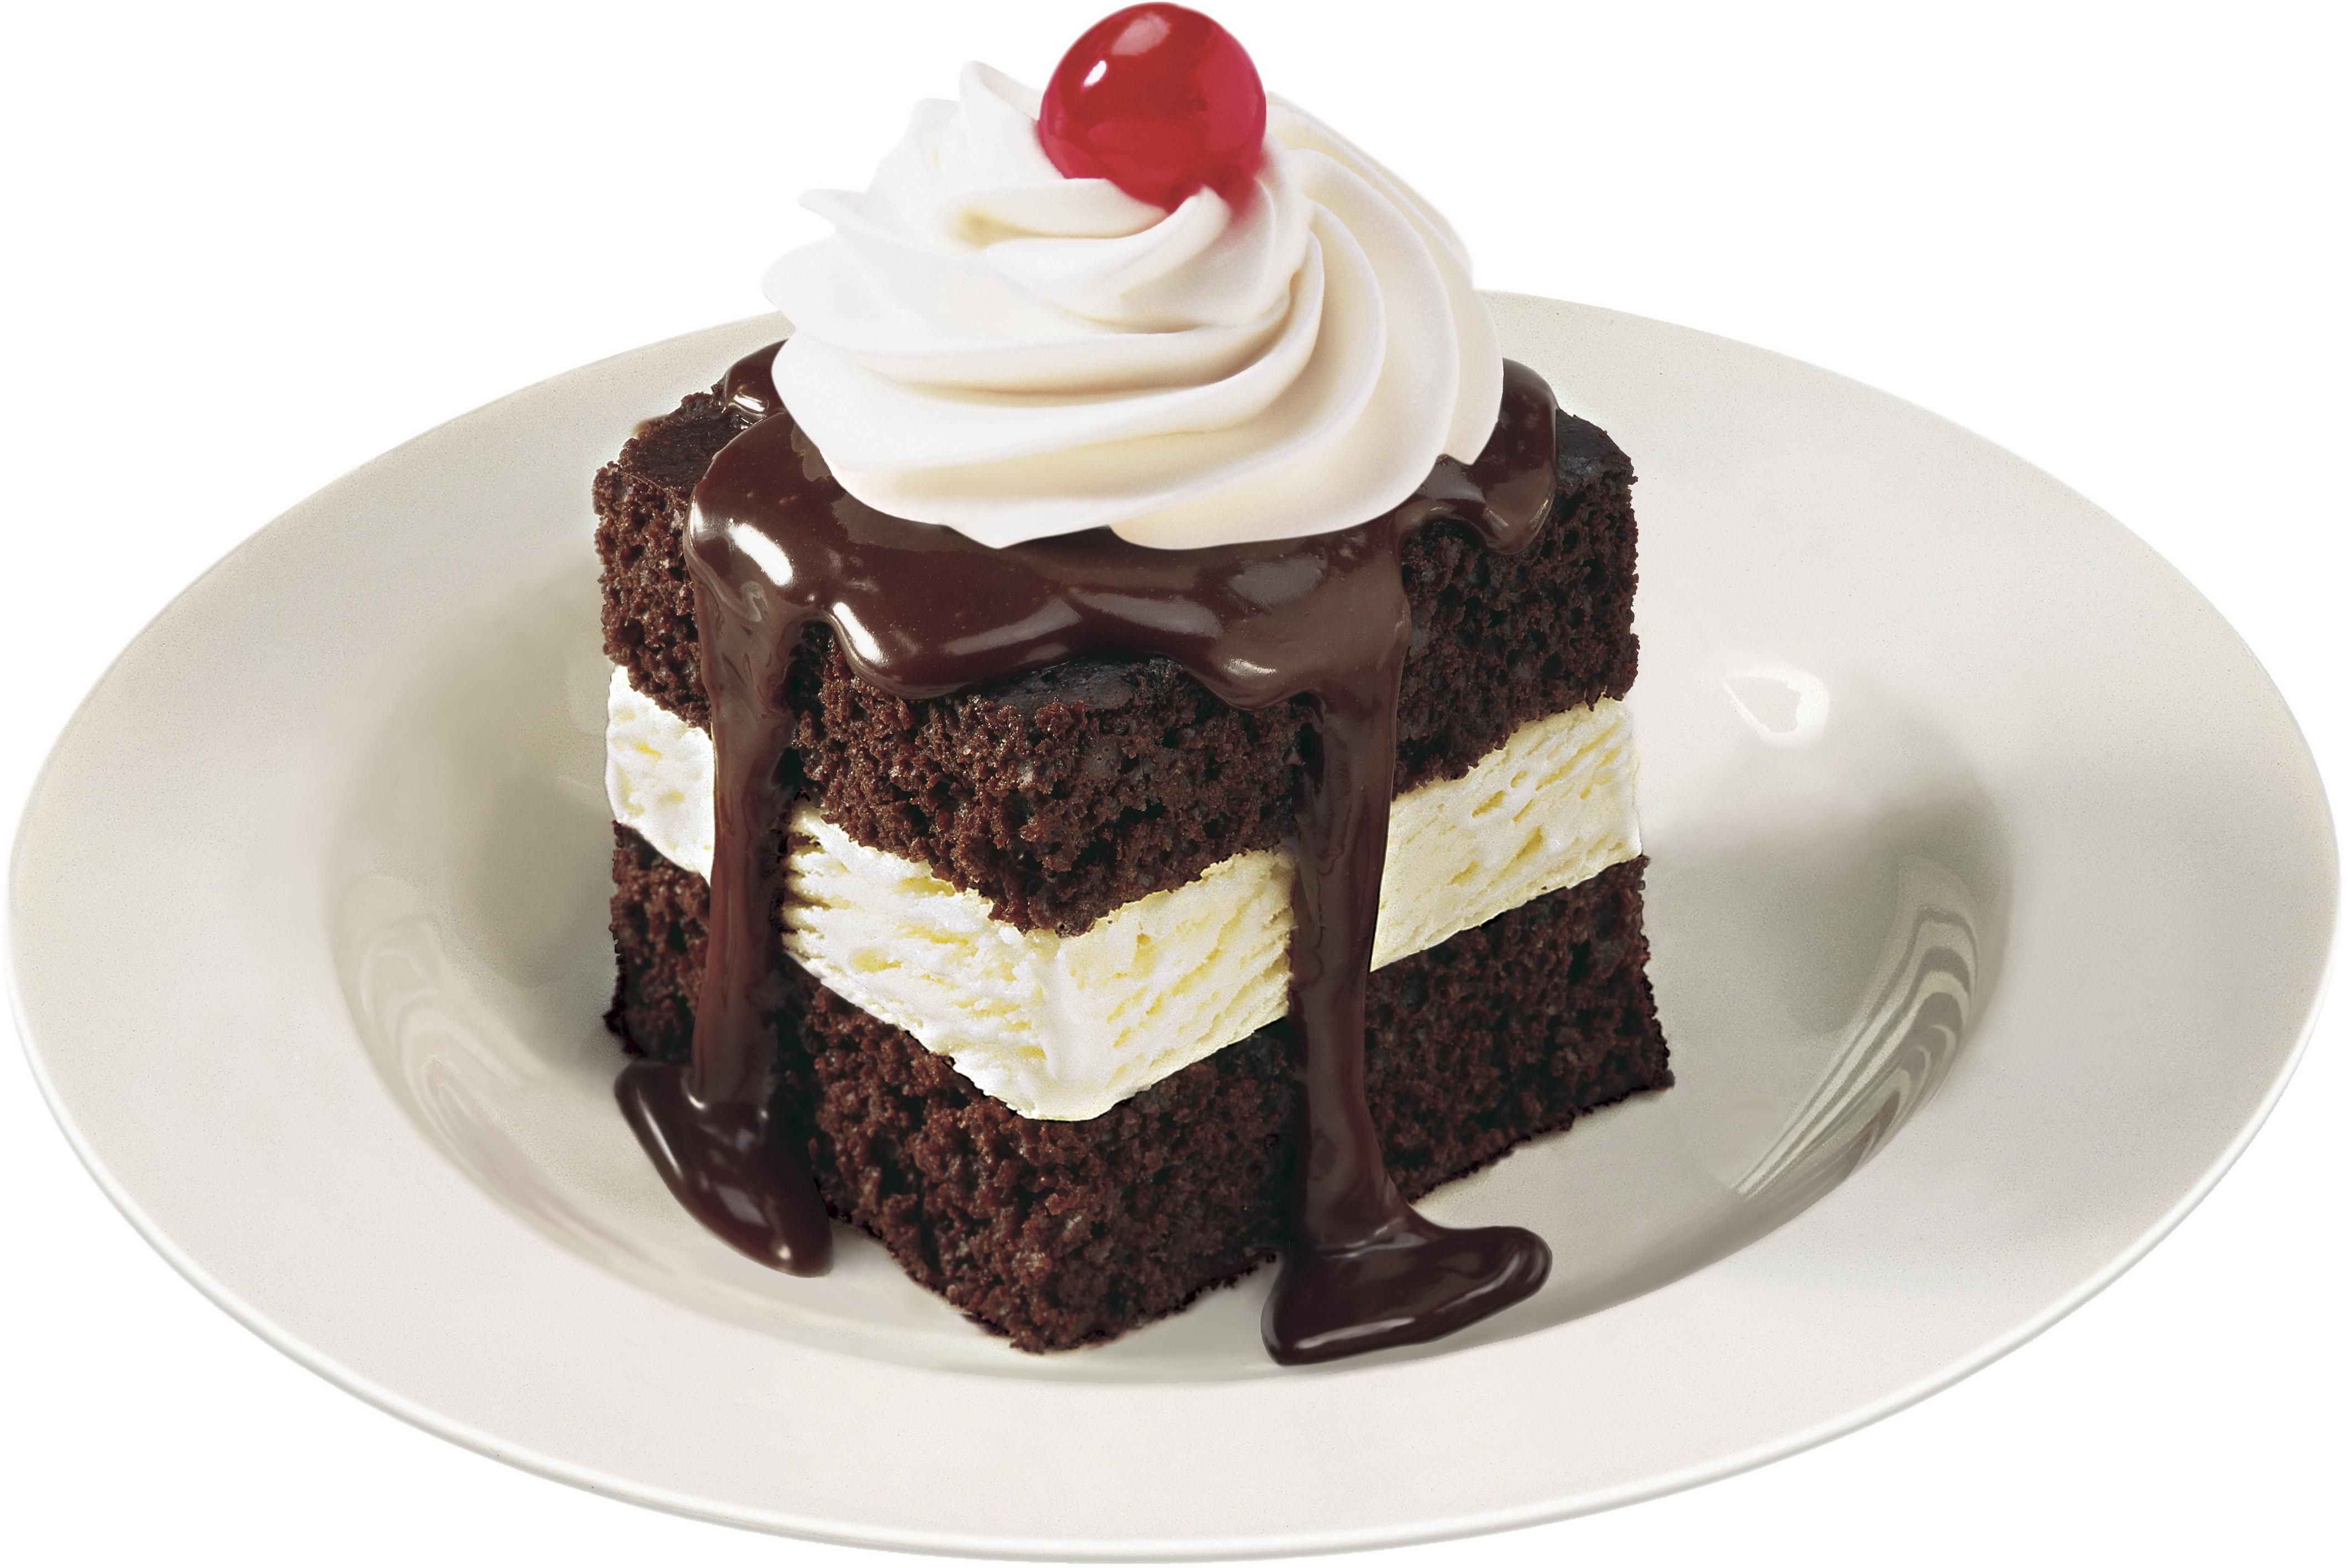 Shoney's: Free hot fudge cake Dec. 4 - Living on the Cheap: livingonthecheap.com/shoneys-free-hot-fudge-cake-dec-6